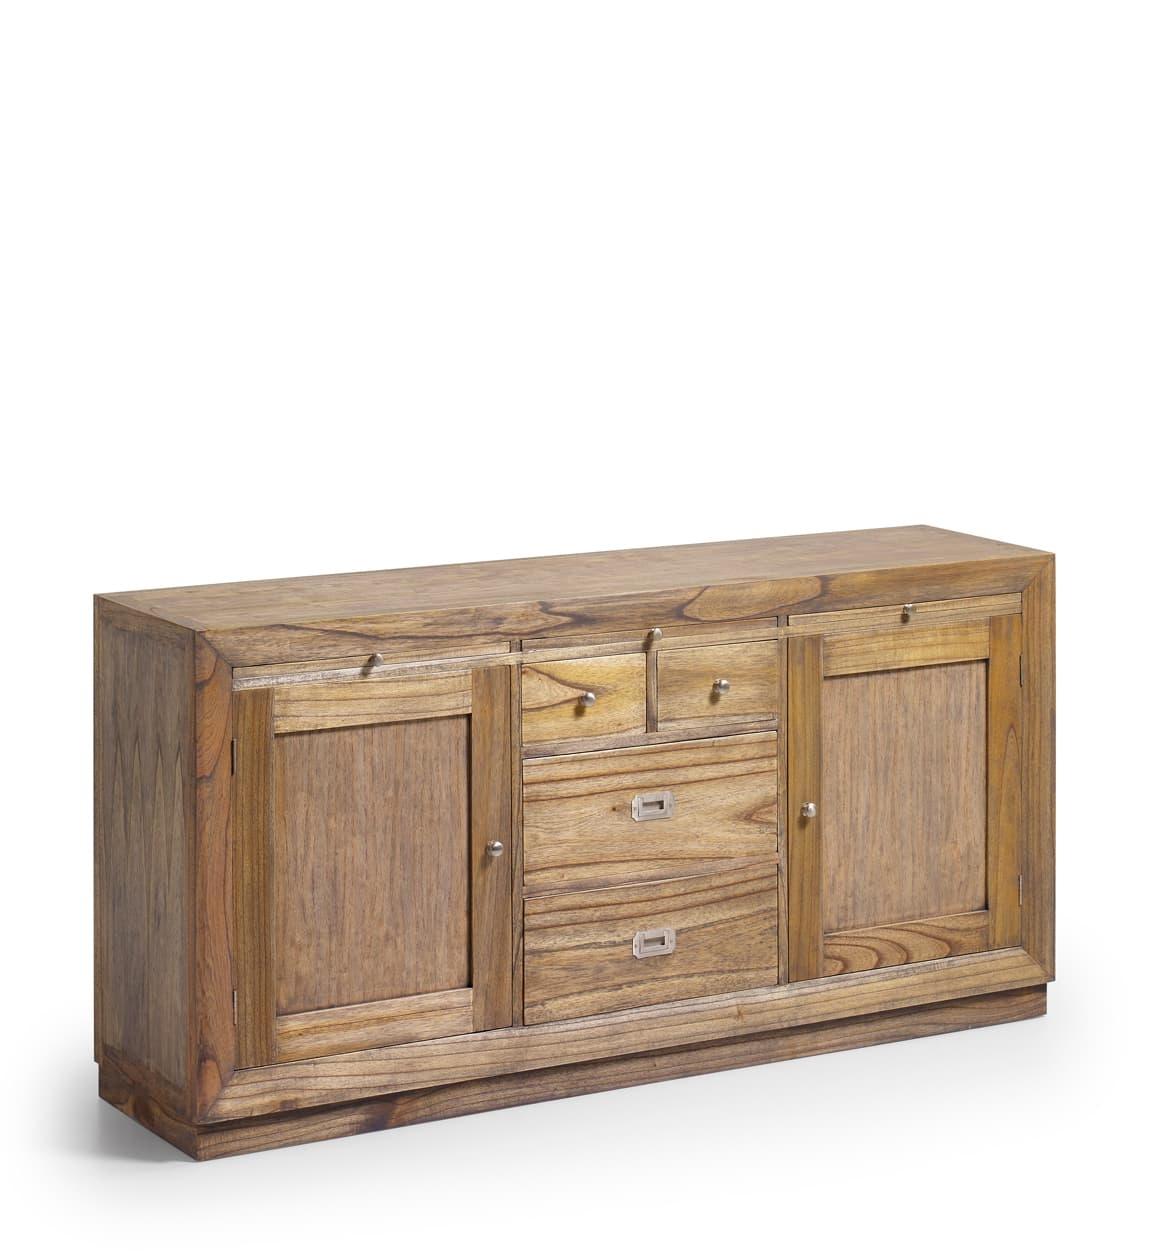 Comoda din lemn cu 4 sertare si 2 usi, Merapi Natural, l160xA40xH80 cm somproduct.ro